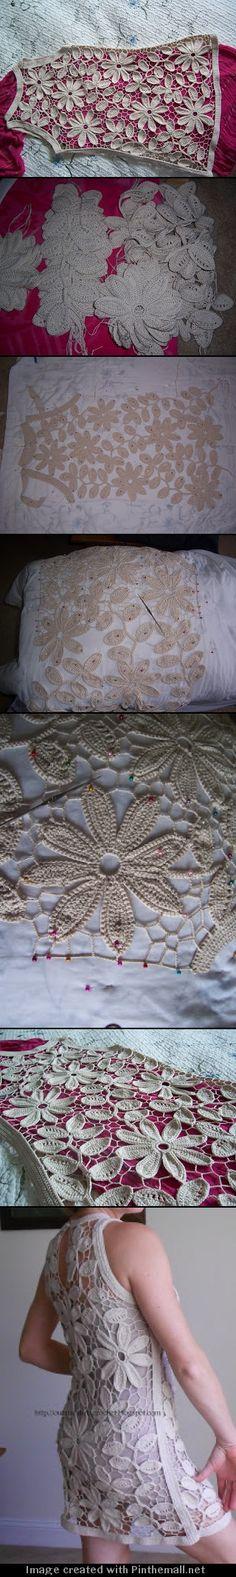 russian irish crochet from outstanding crochet - stunning dress.